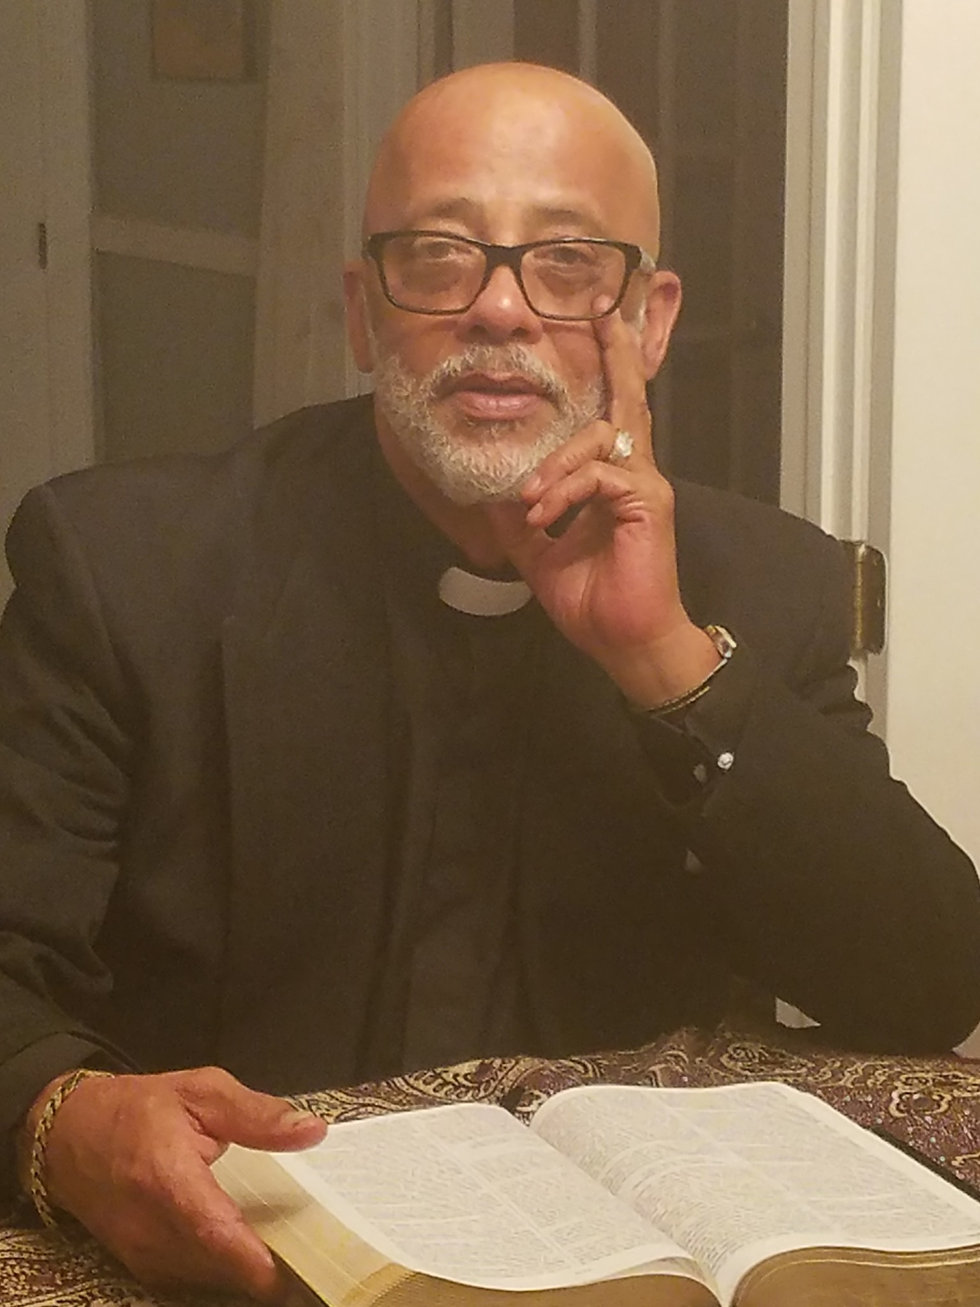 Pastor Bruce B. Johnson